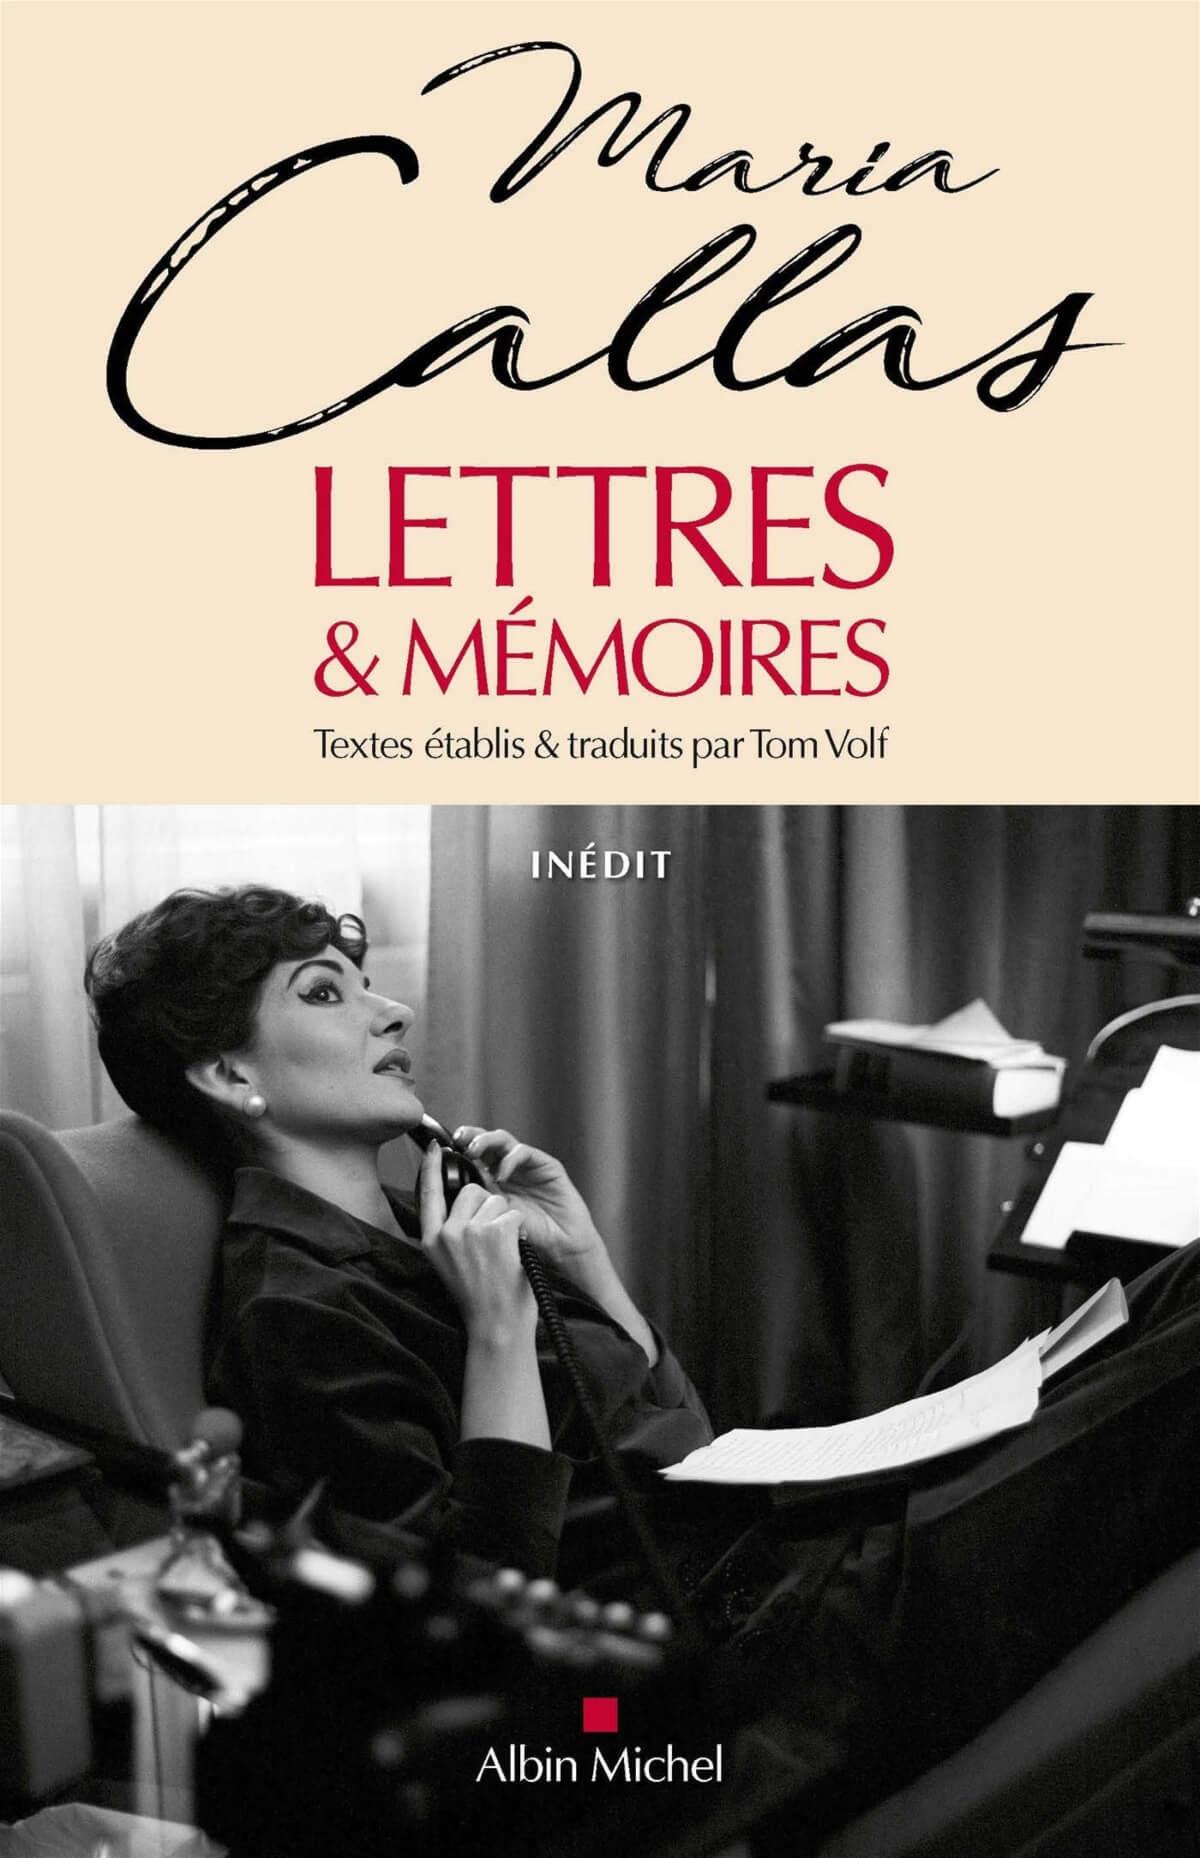 couverture du livre Callas : Lettre et mémoires de Tom Volk